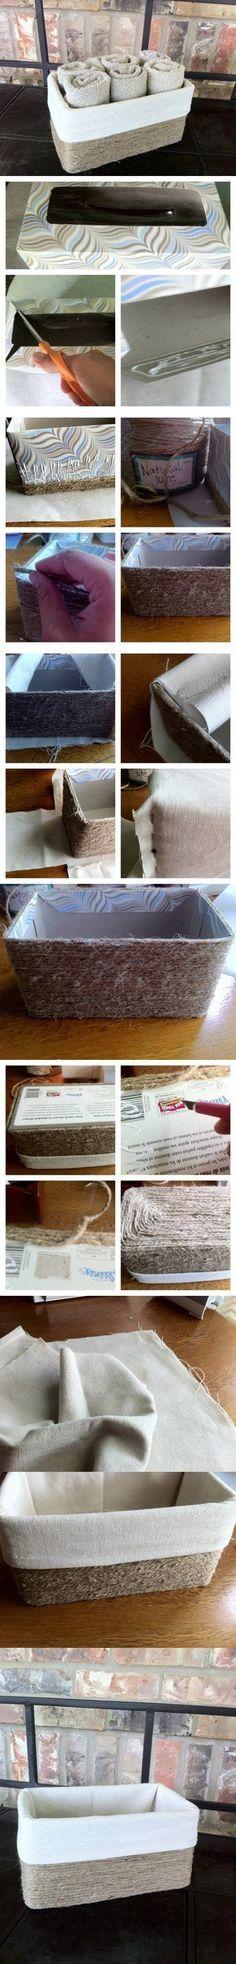 DIY Jute Basket from Cardboard Box                                                                                                                                                      Más